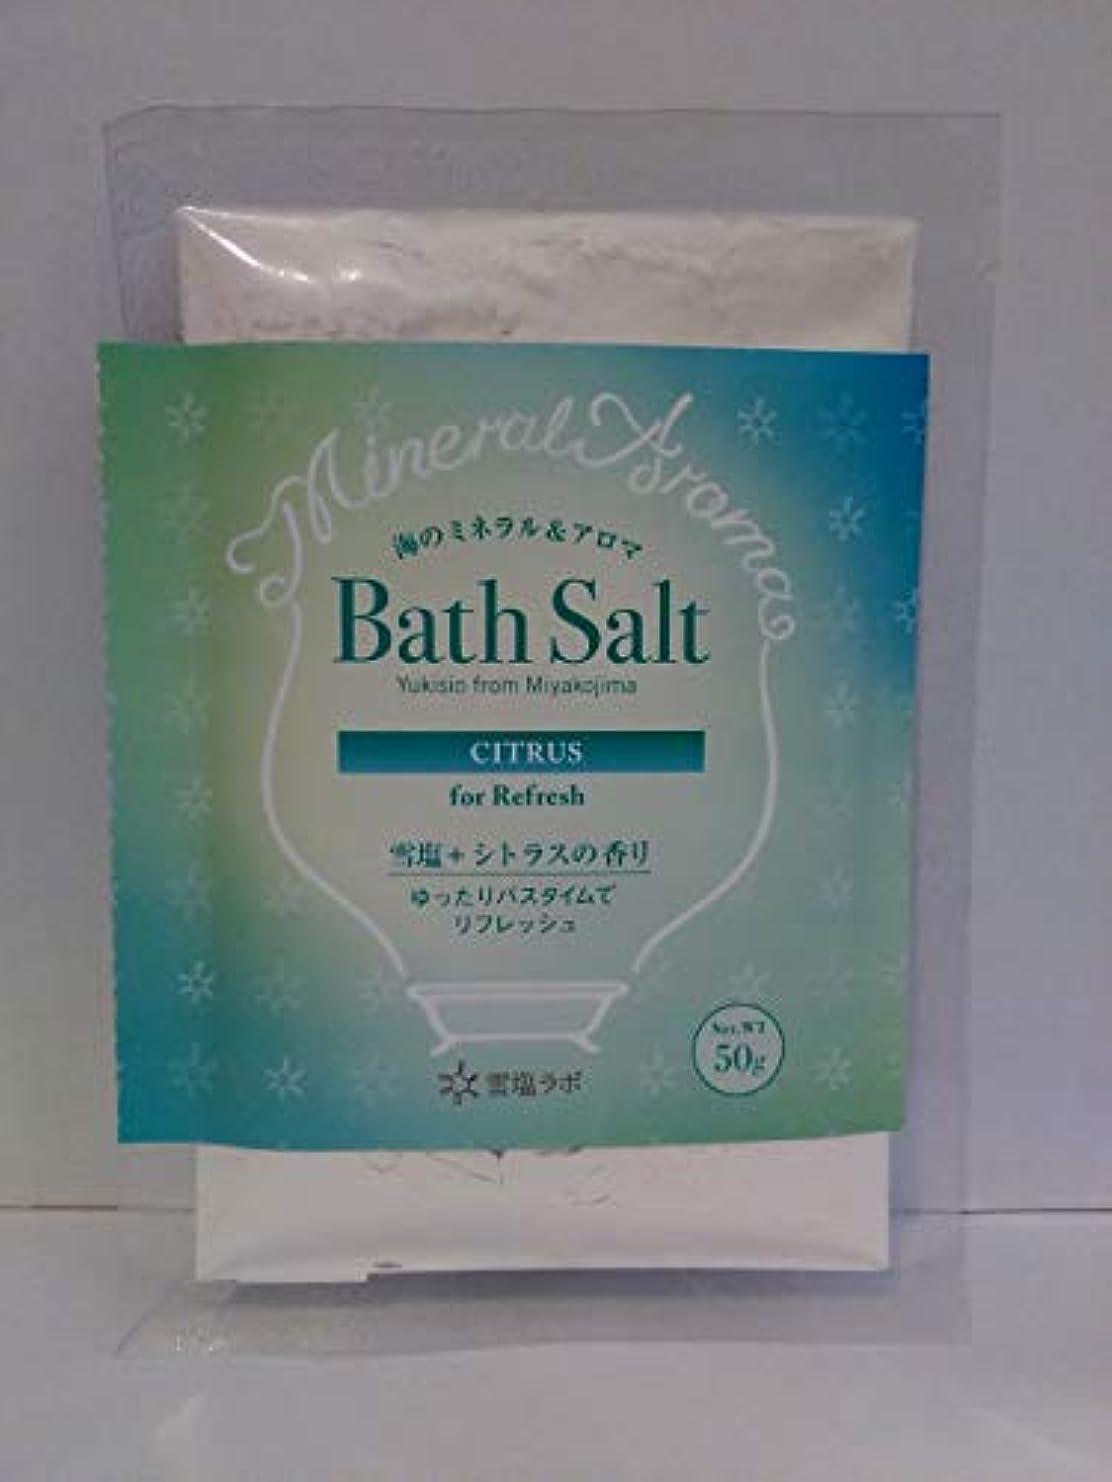 いたずらうまくいけばはっきりと海のミネラル&アロマ Bath Salt 雪塩+シトラスの香り